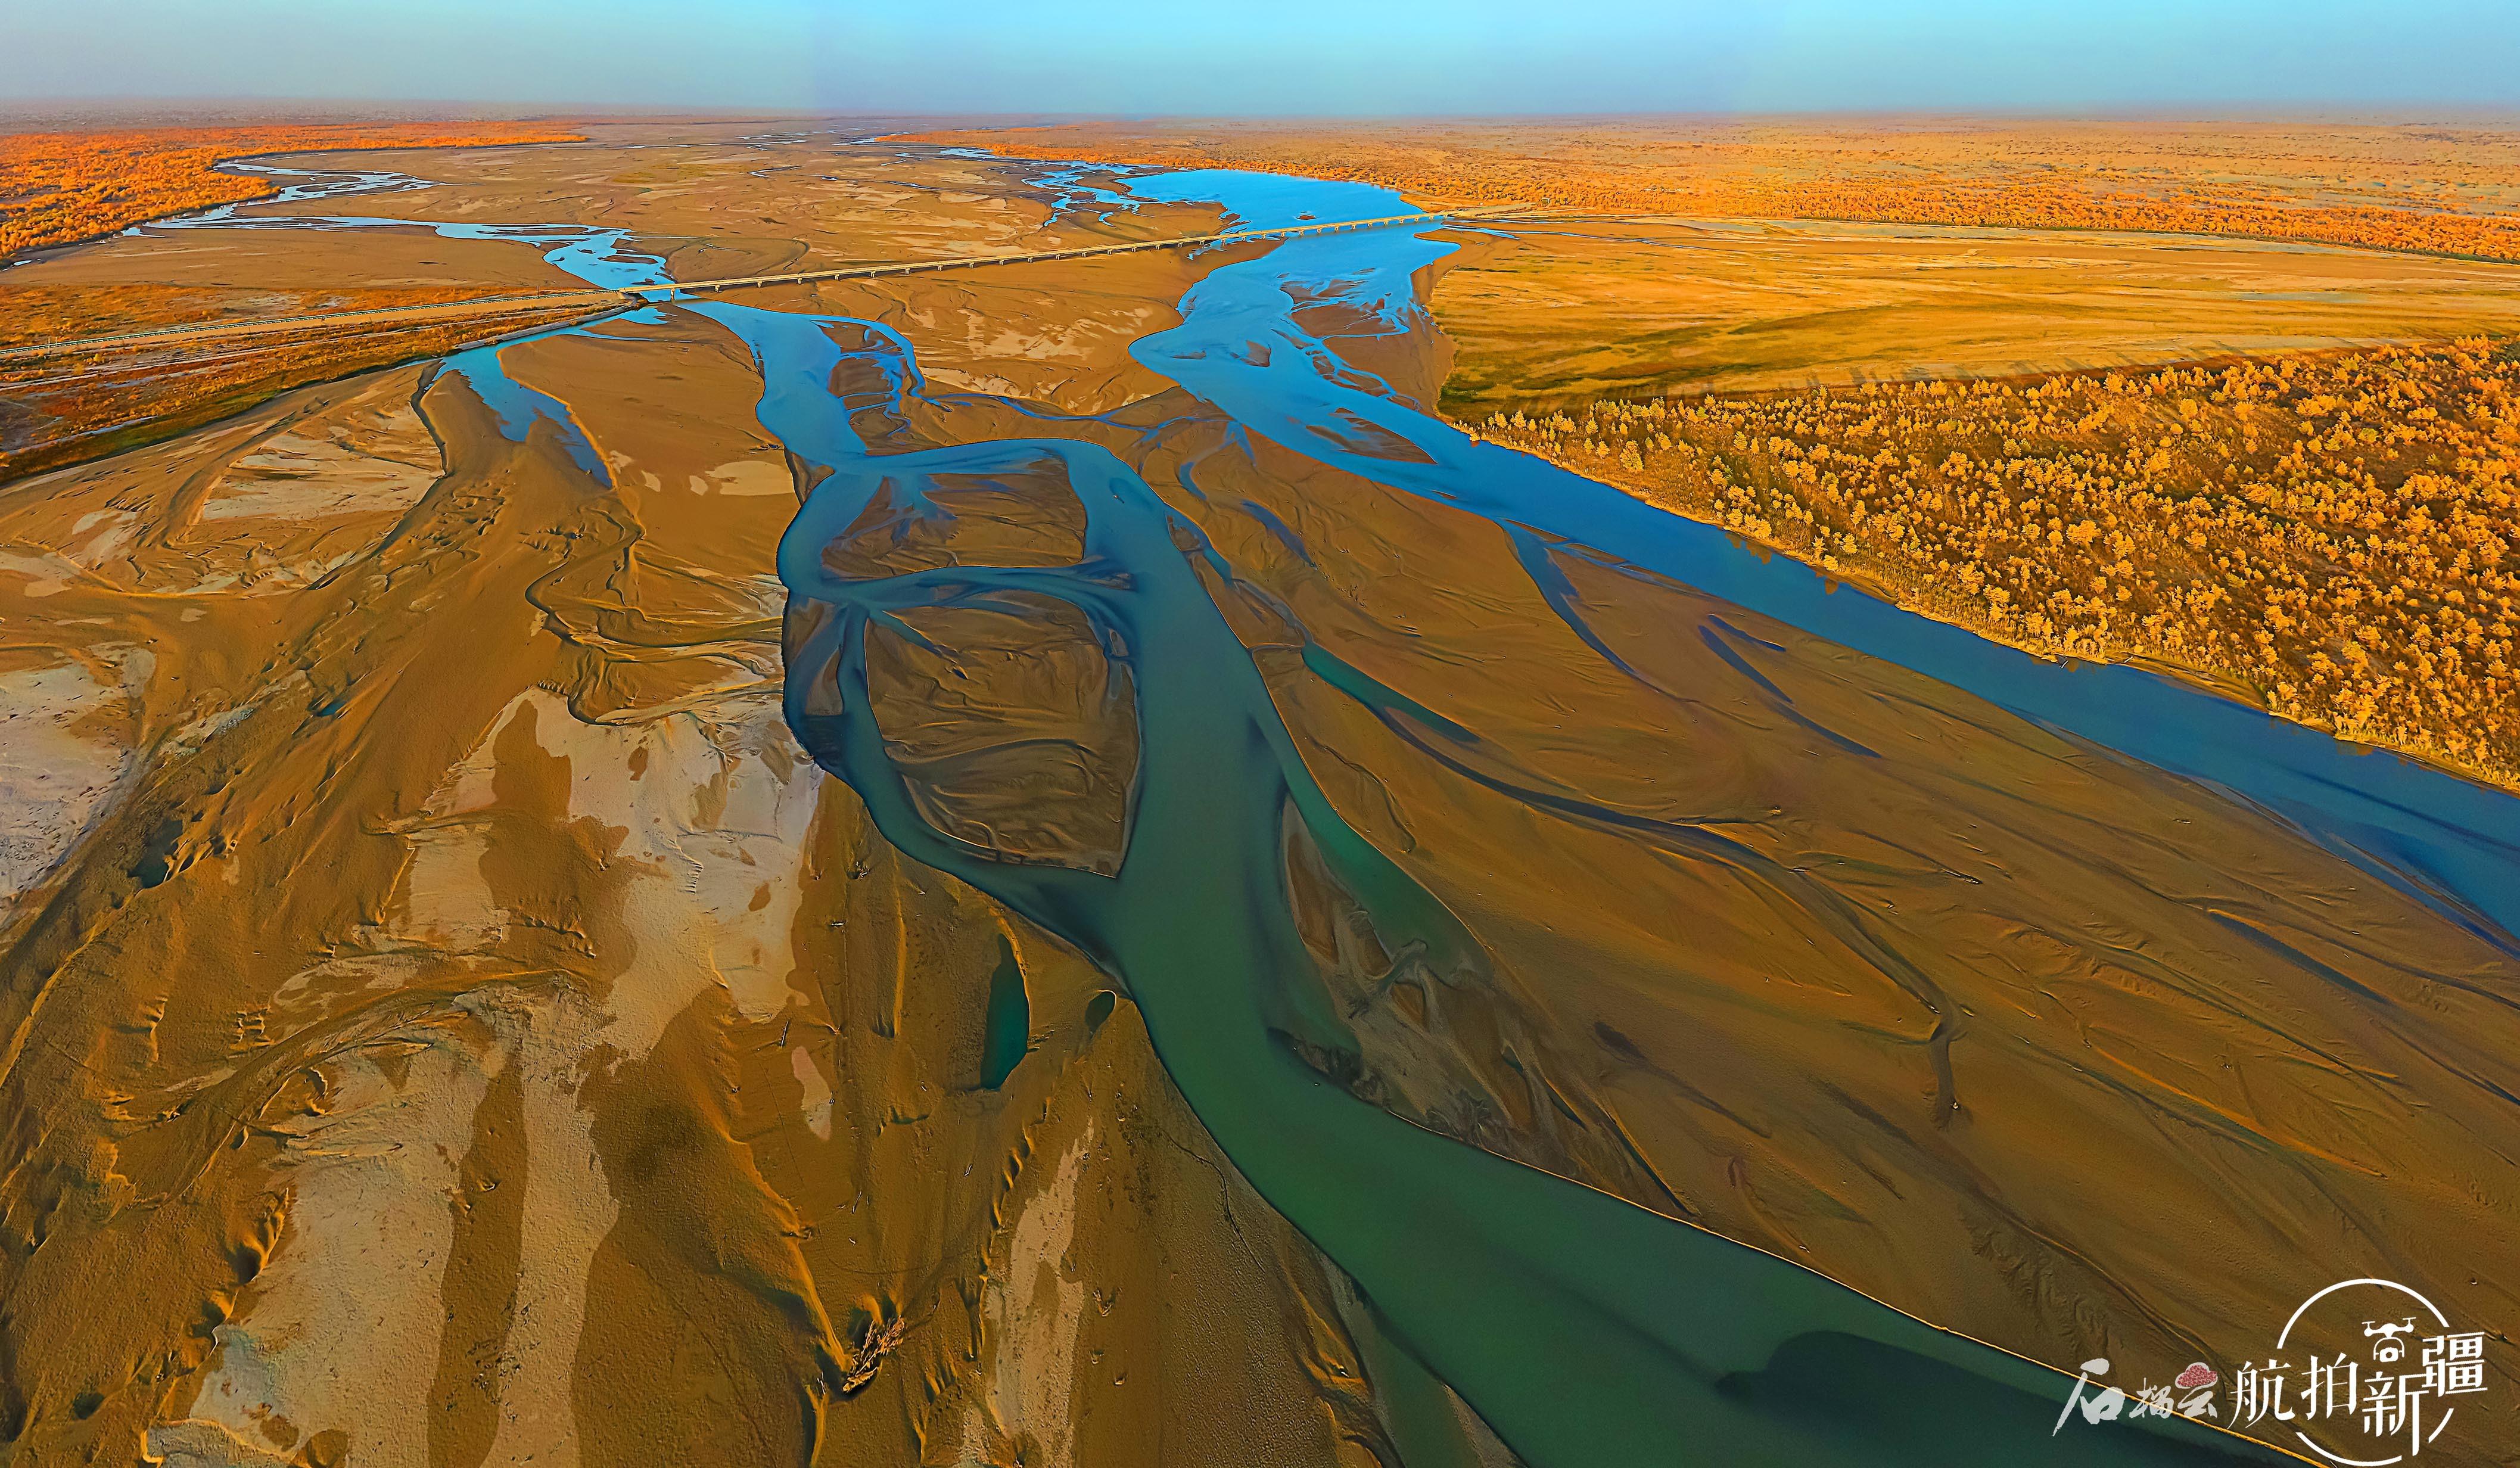 航拍新疆摄影大赛参赛作品——阿迪力·那的尔作品